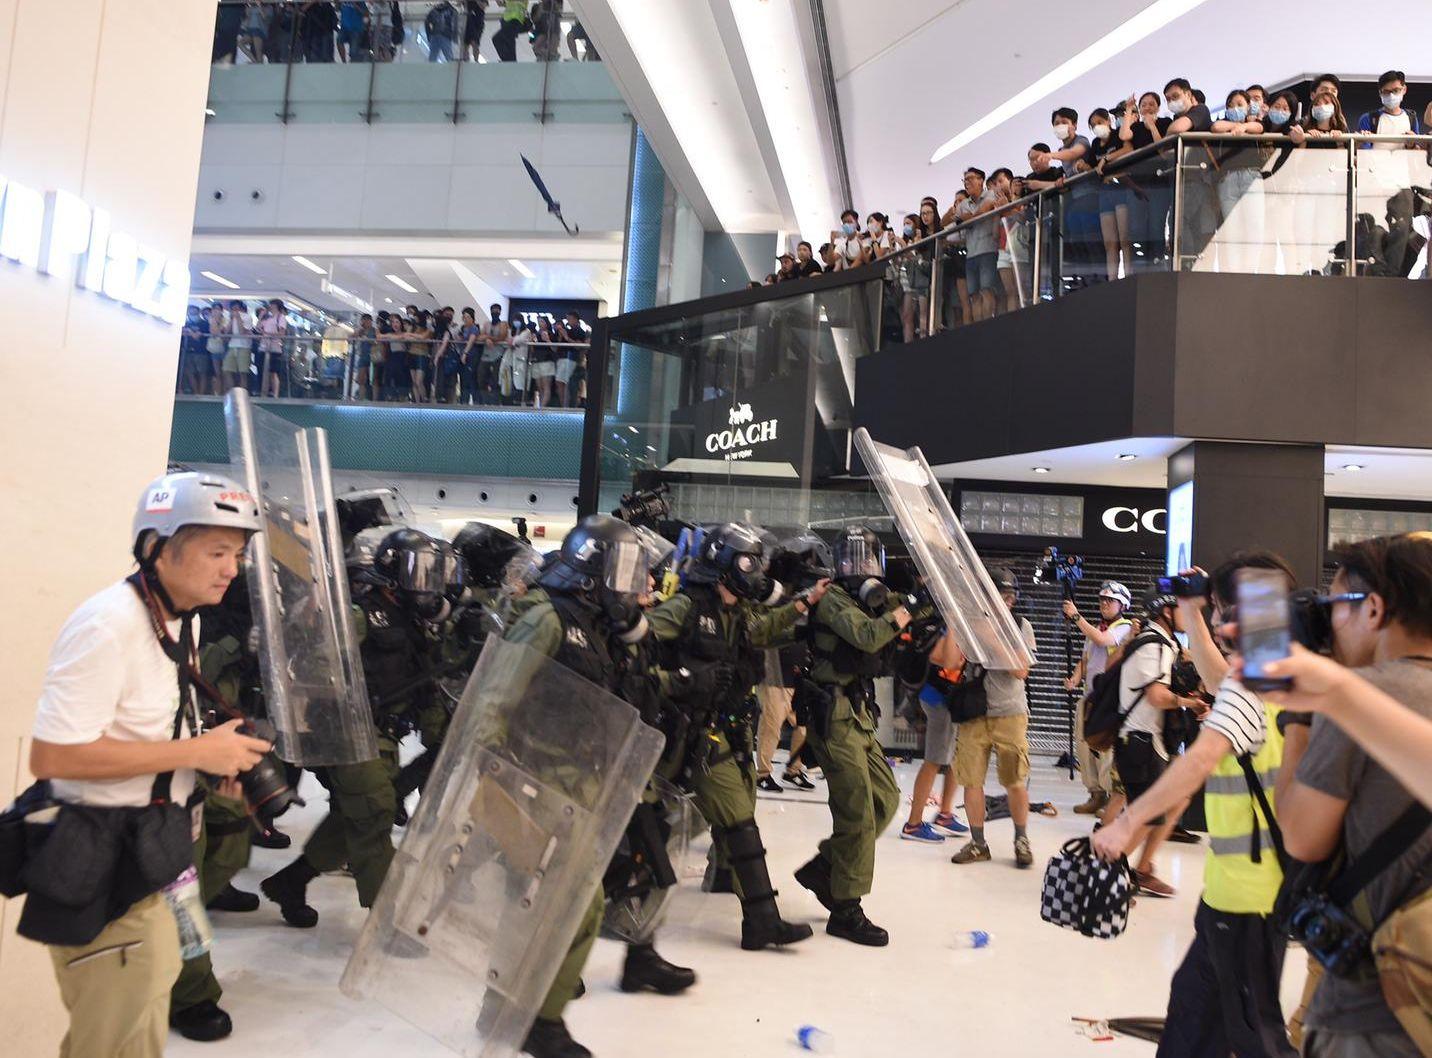 保安局指會續按現行機制處理遊行集會。